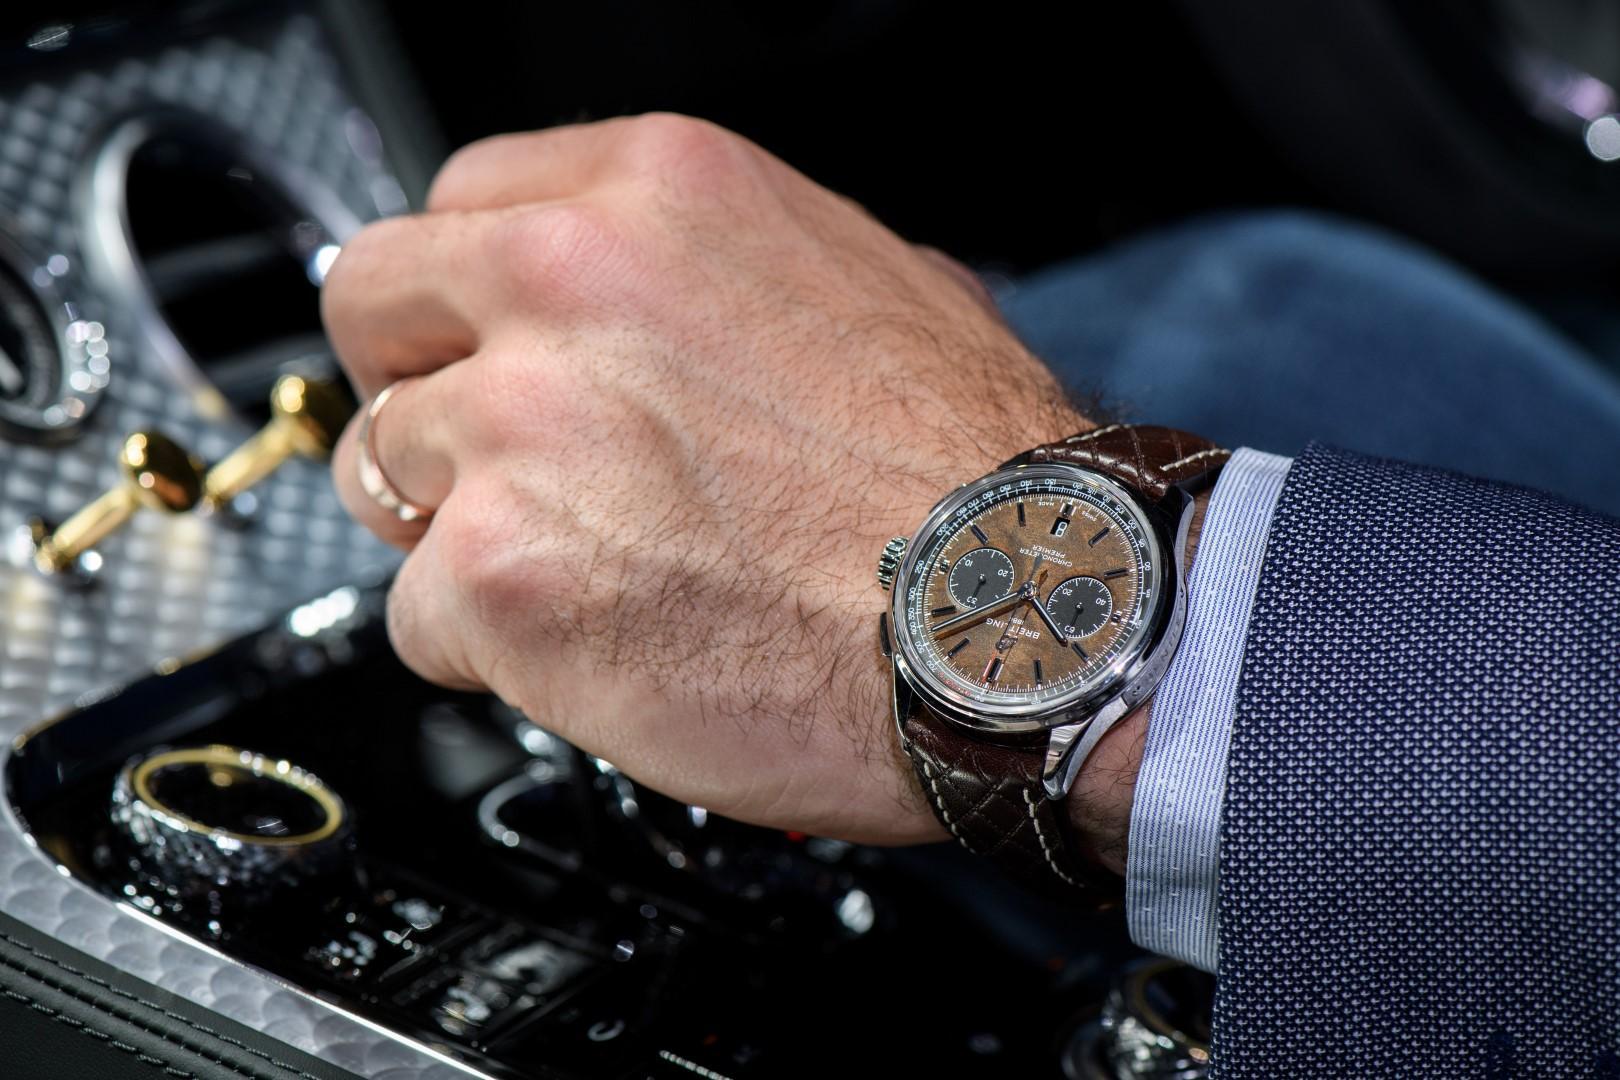 Orologi: tra hobby e passioni, l'uomo si riprende il suo tempo